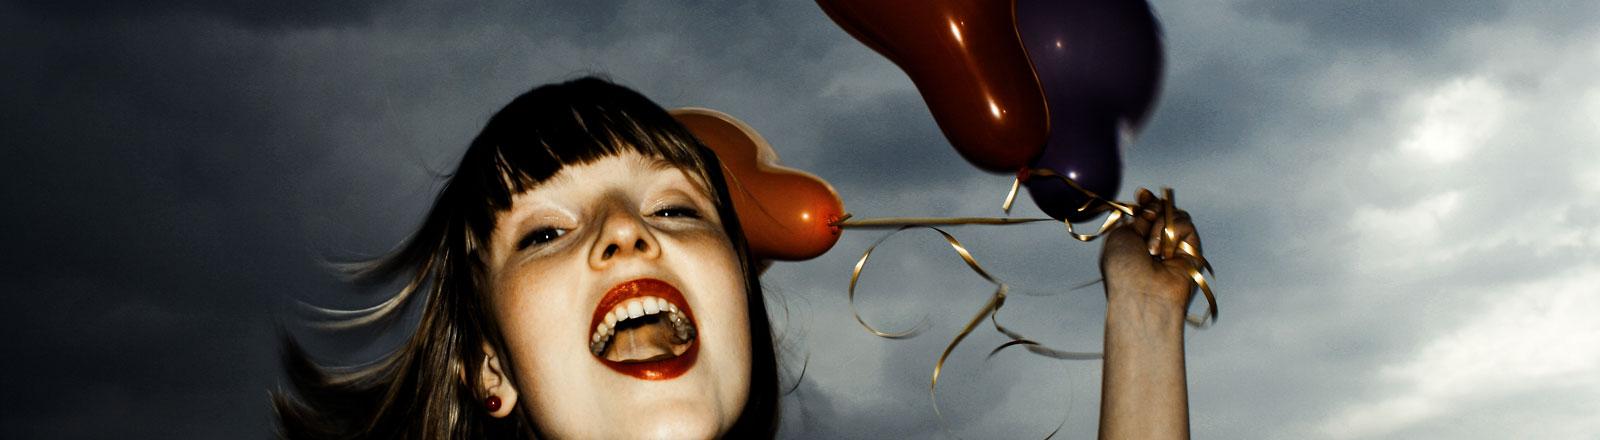 Eine junge Frau hält Luftballons in der Hand.